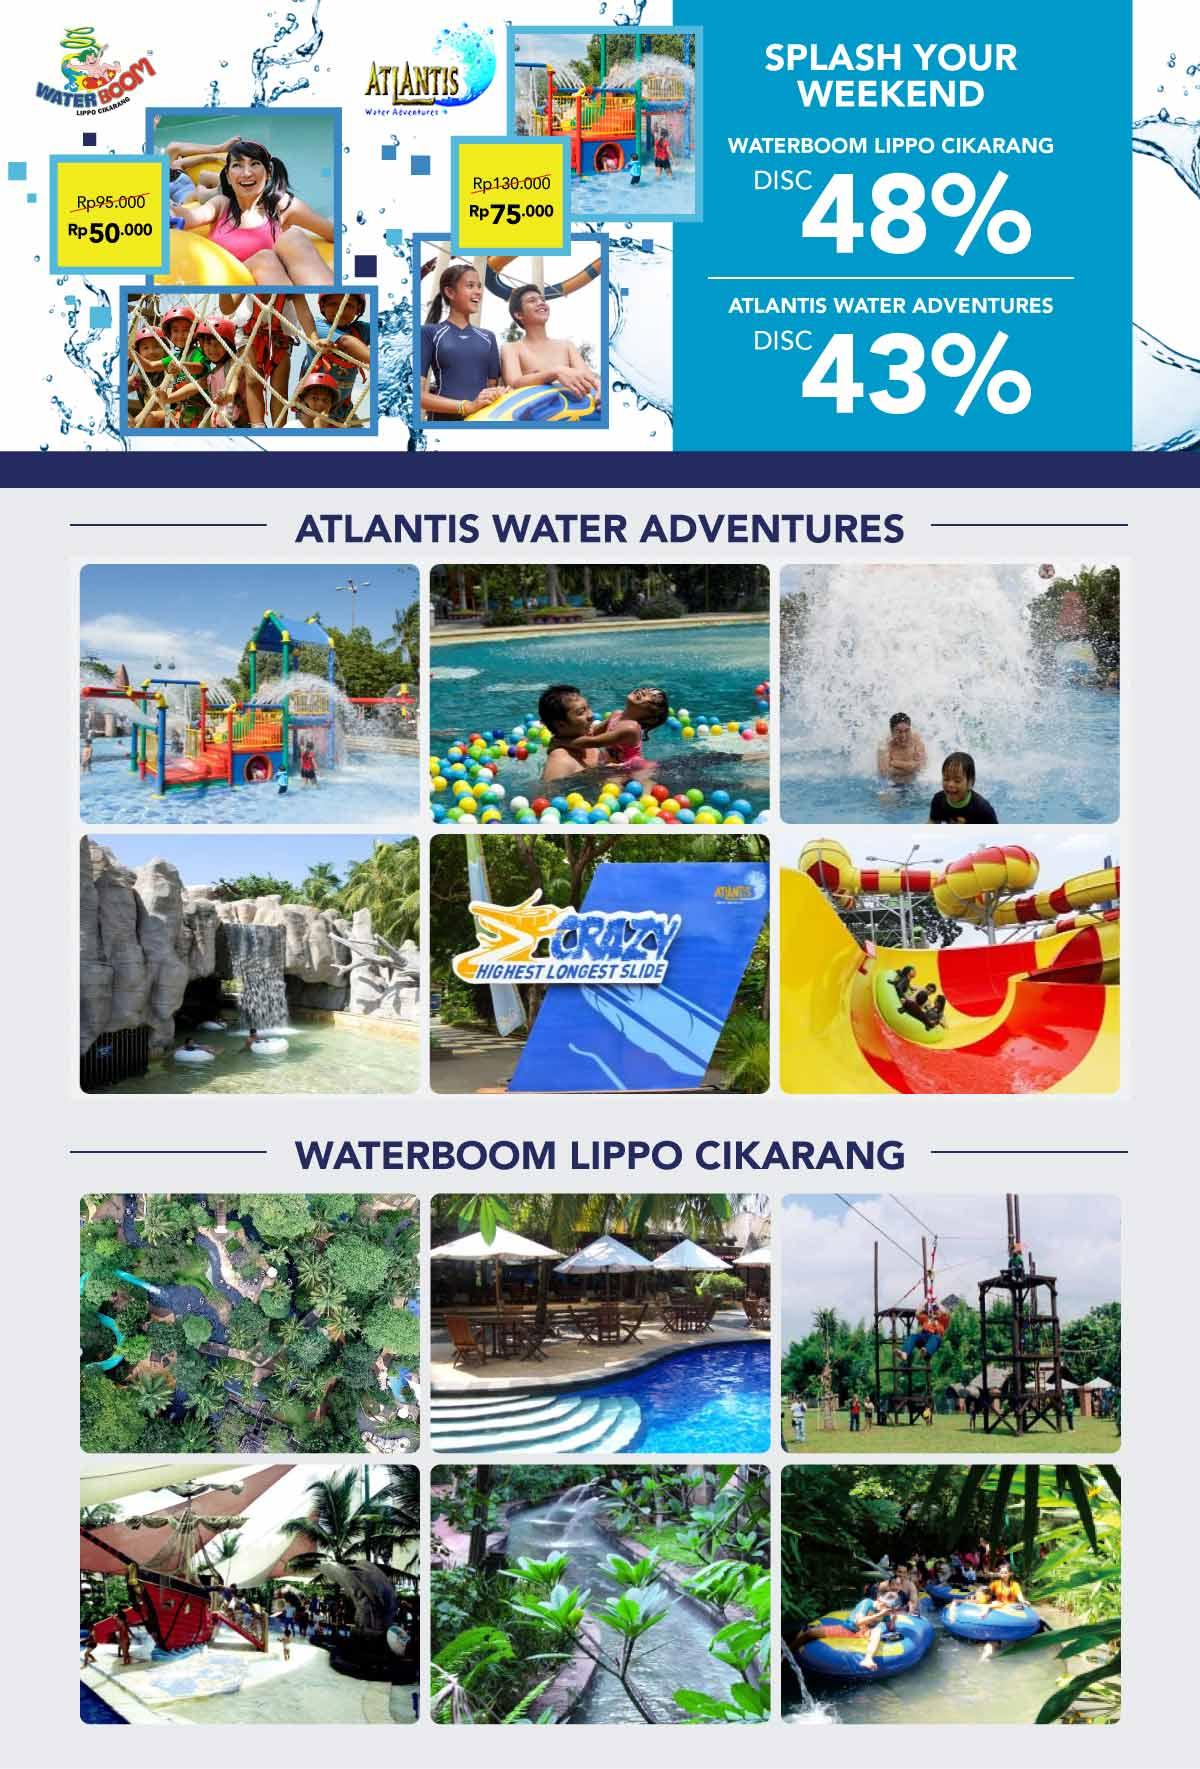 Splash Your Weekend At Atlantis Waterboom Voucher Water Boom Lippo Cikarang Deals